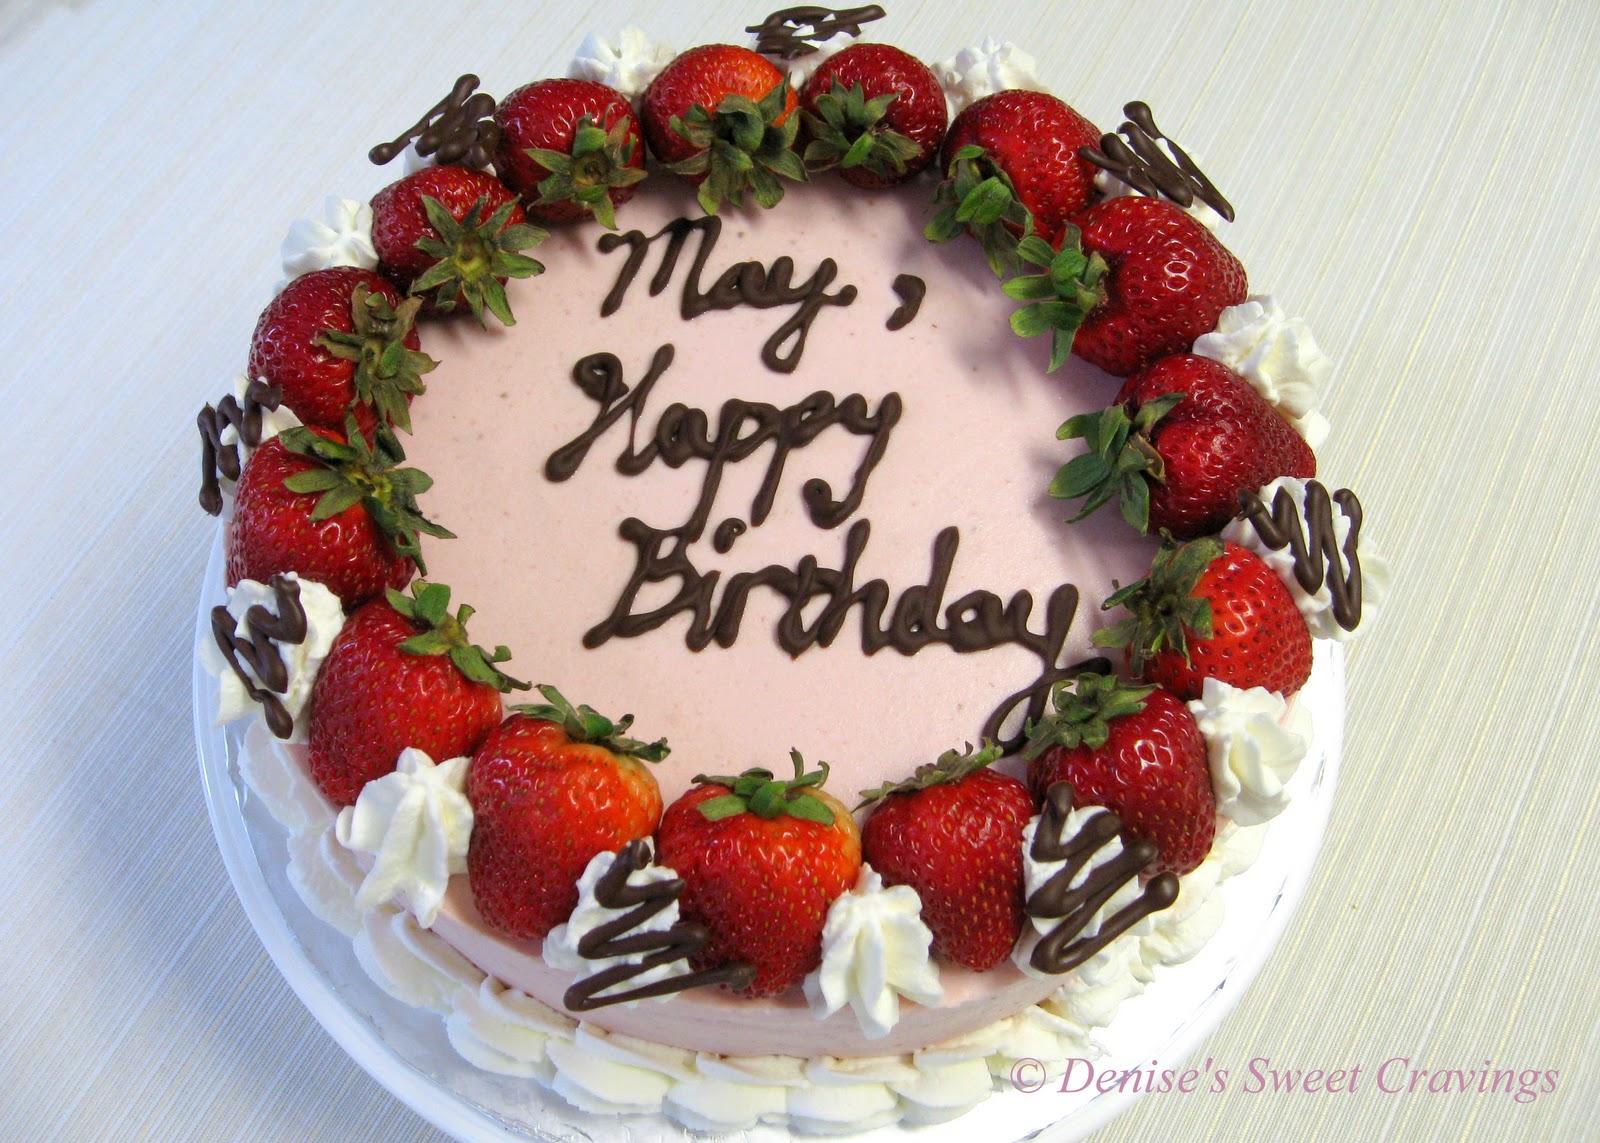 Layered Strawberry Cheese Cake